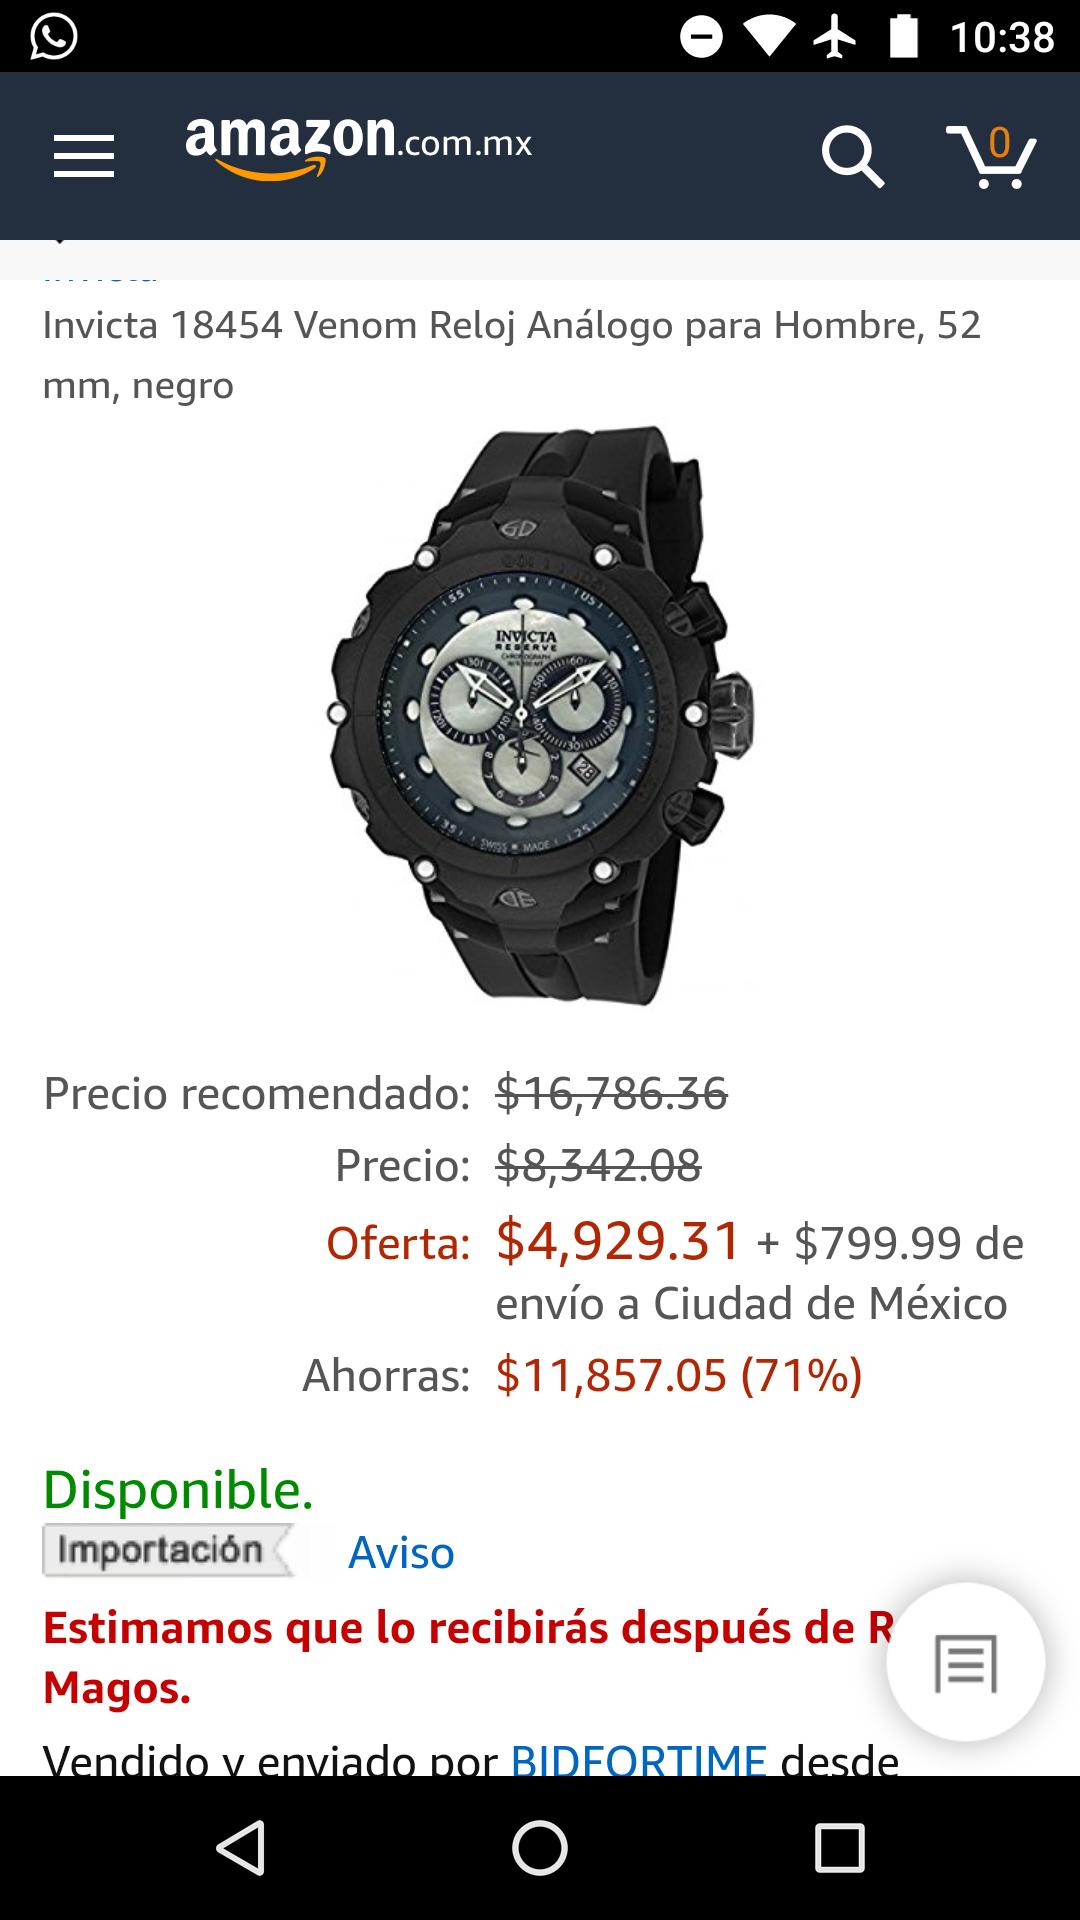 Amazon: Reloj Invicta 18454 venom en descuento (vendido por un tercero)